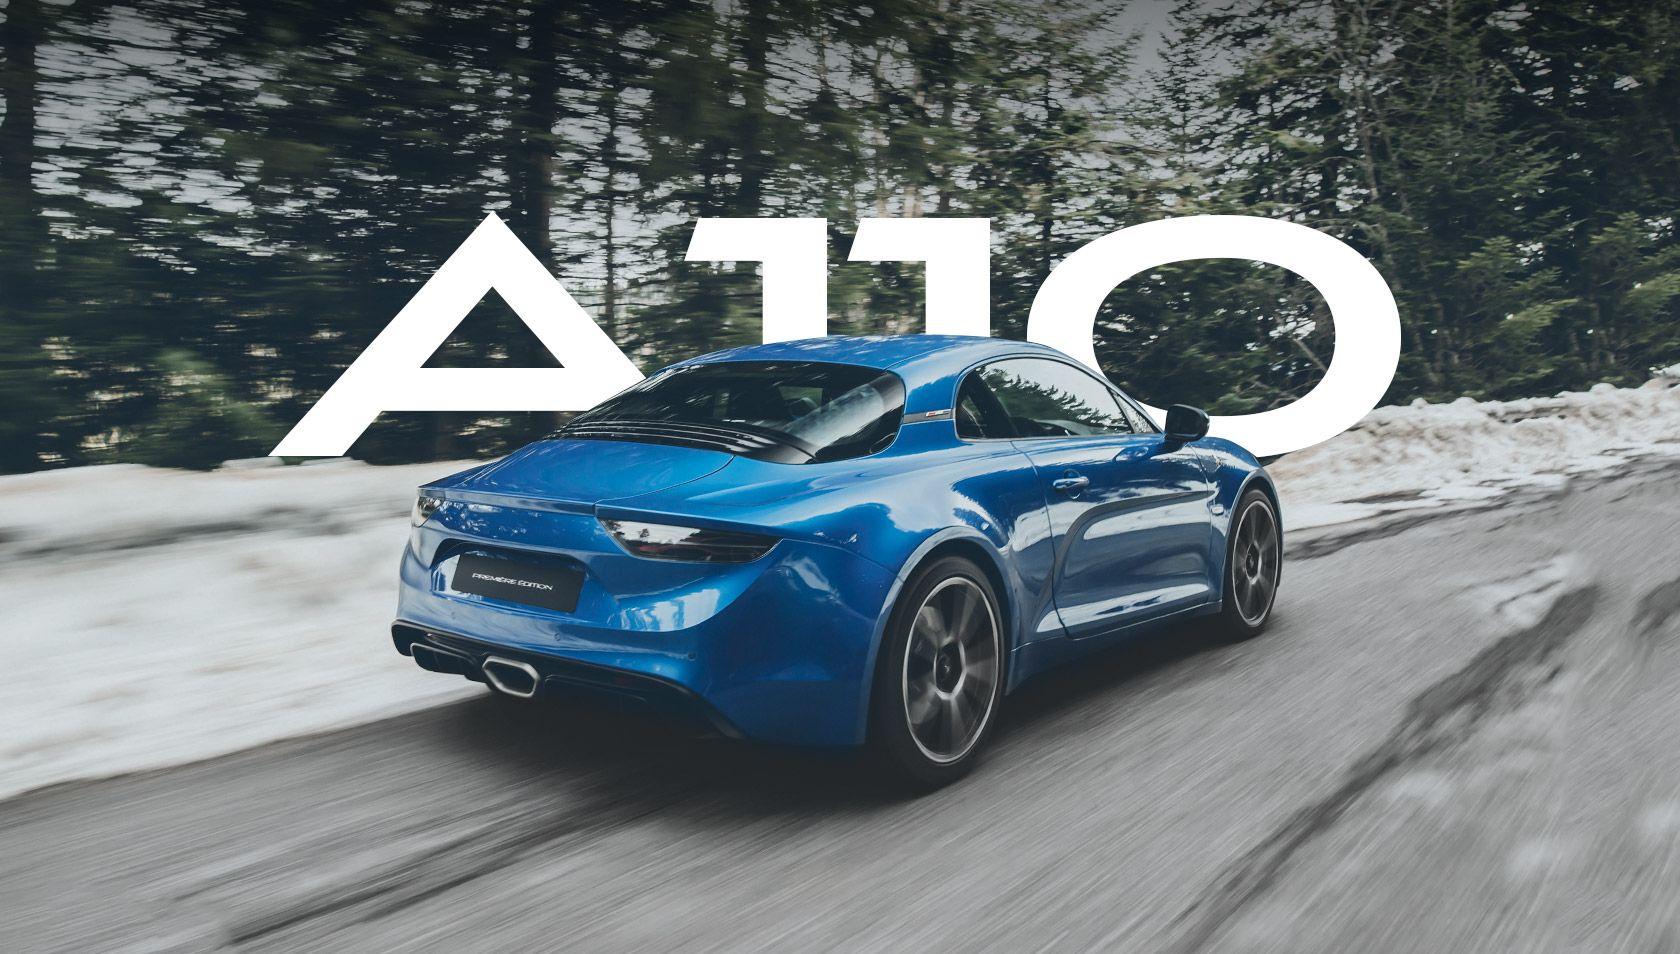 La nouvelle Alpine A110 : la légende automobile